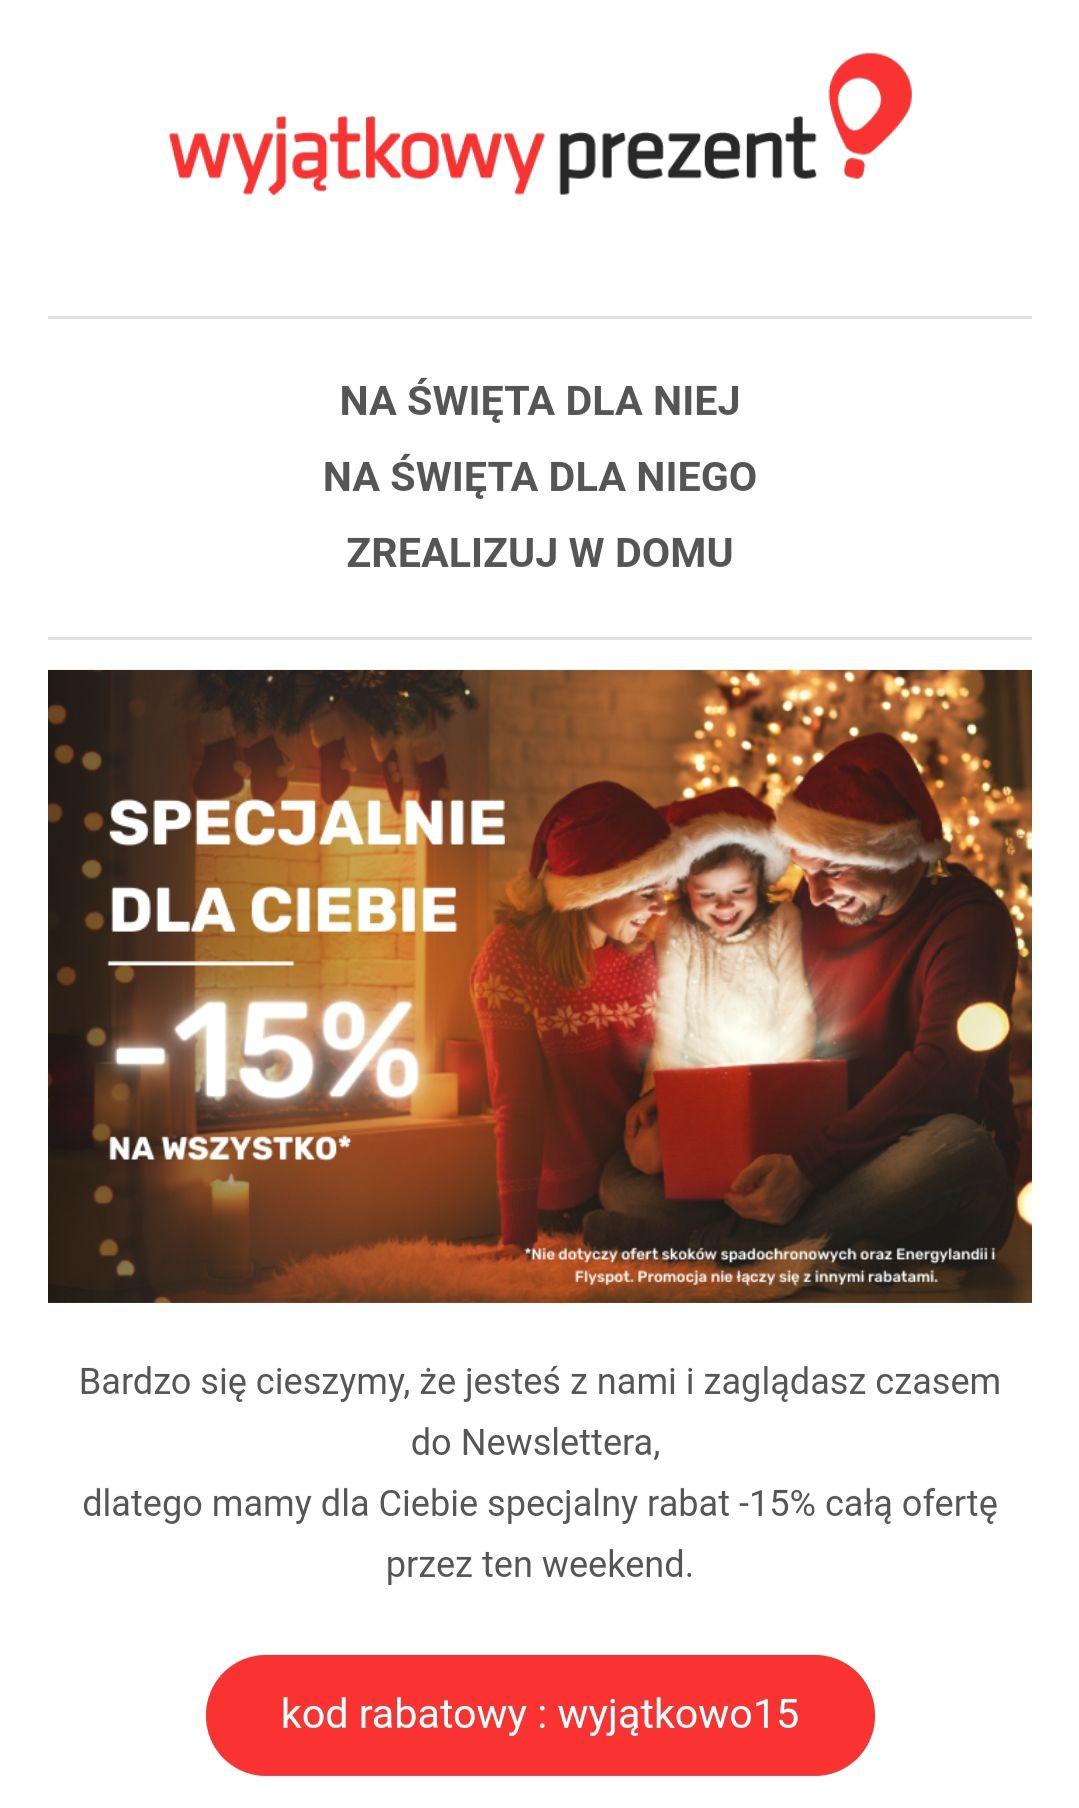 Kod rabatowy 15% na WyjątkowyPrezent.pl